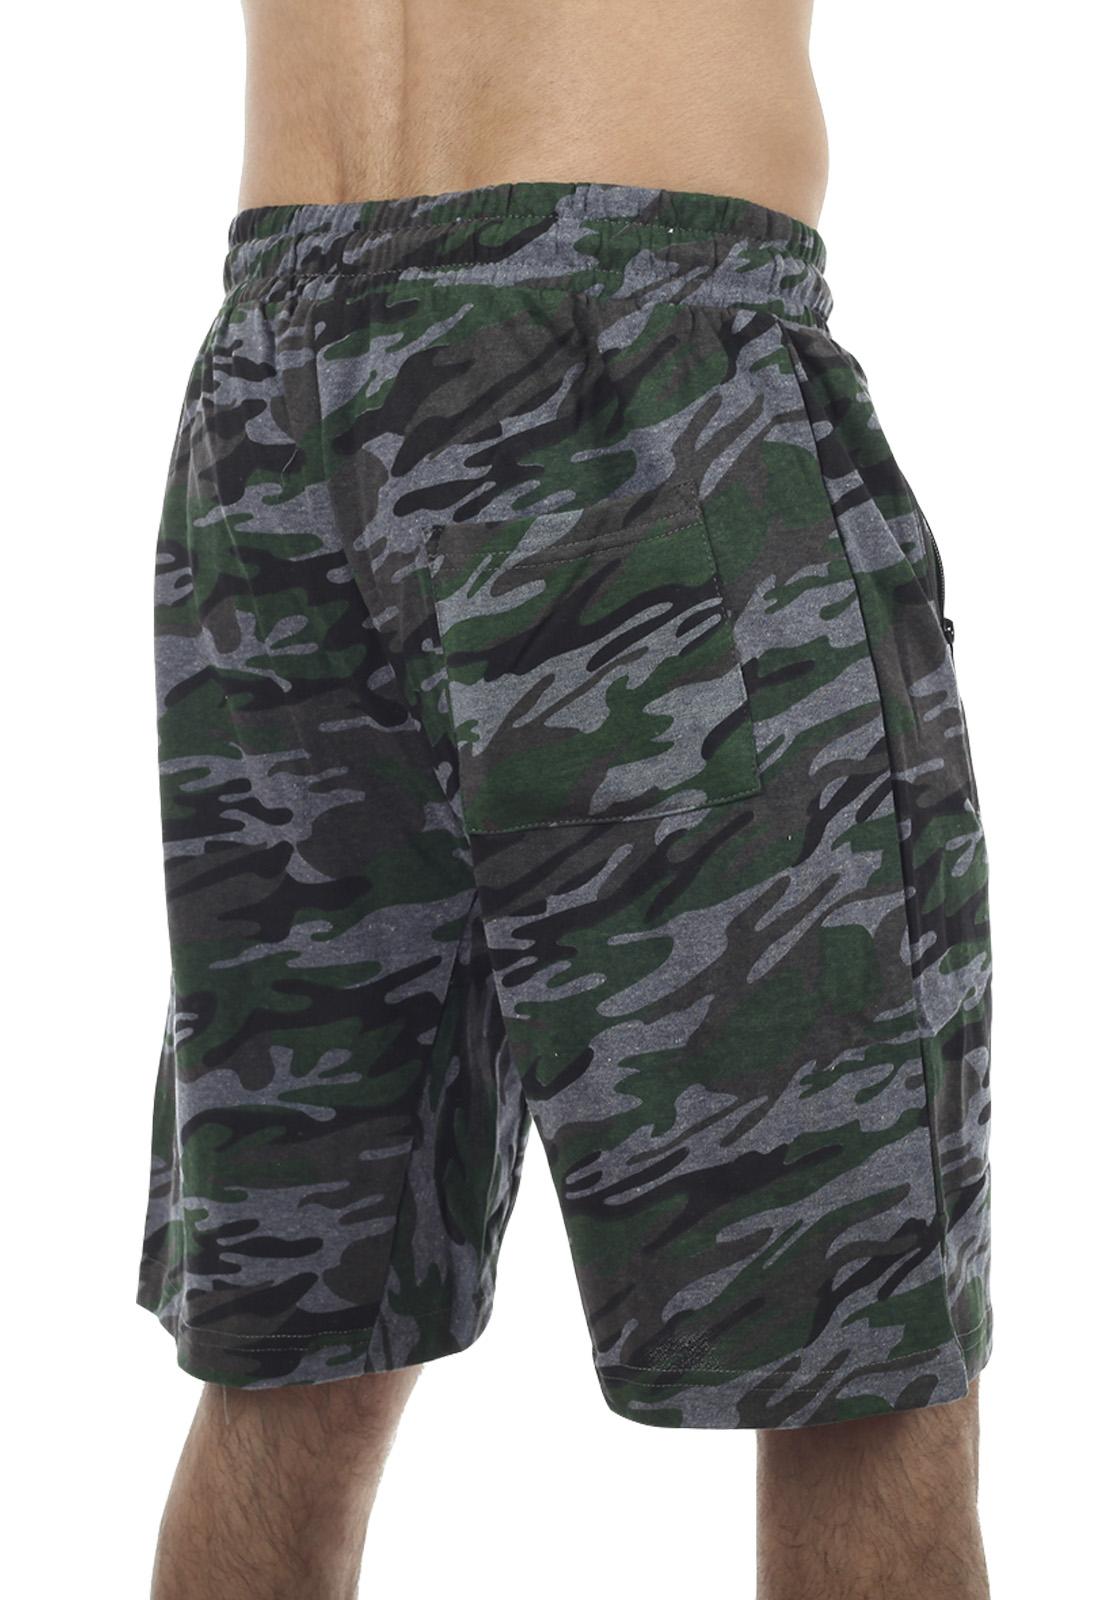 7dbf7ba0 Купить камуфляжные серо-зеленые шорты с нашивкой Погранвойска по выгодной  цене